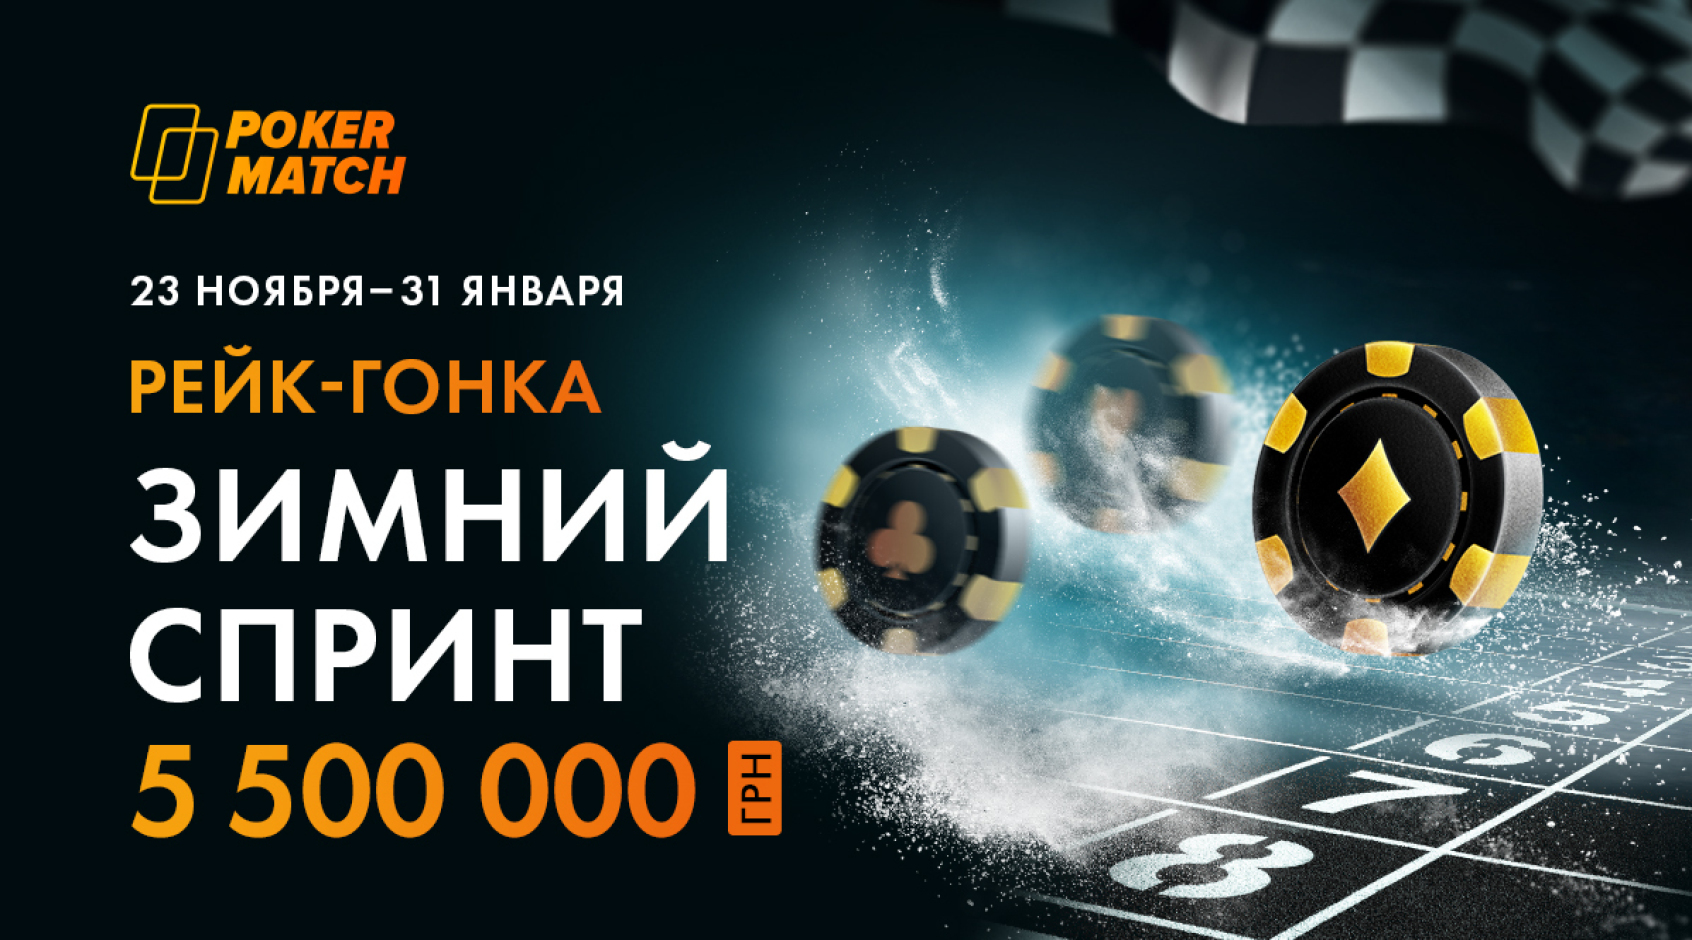 """""""Зимний спринт"""" для кэш-игроков: выгодная акция на PokerMatch"""